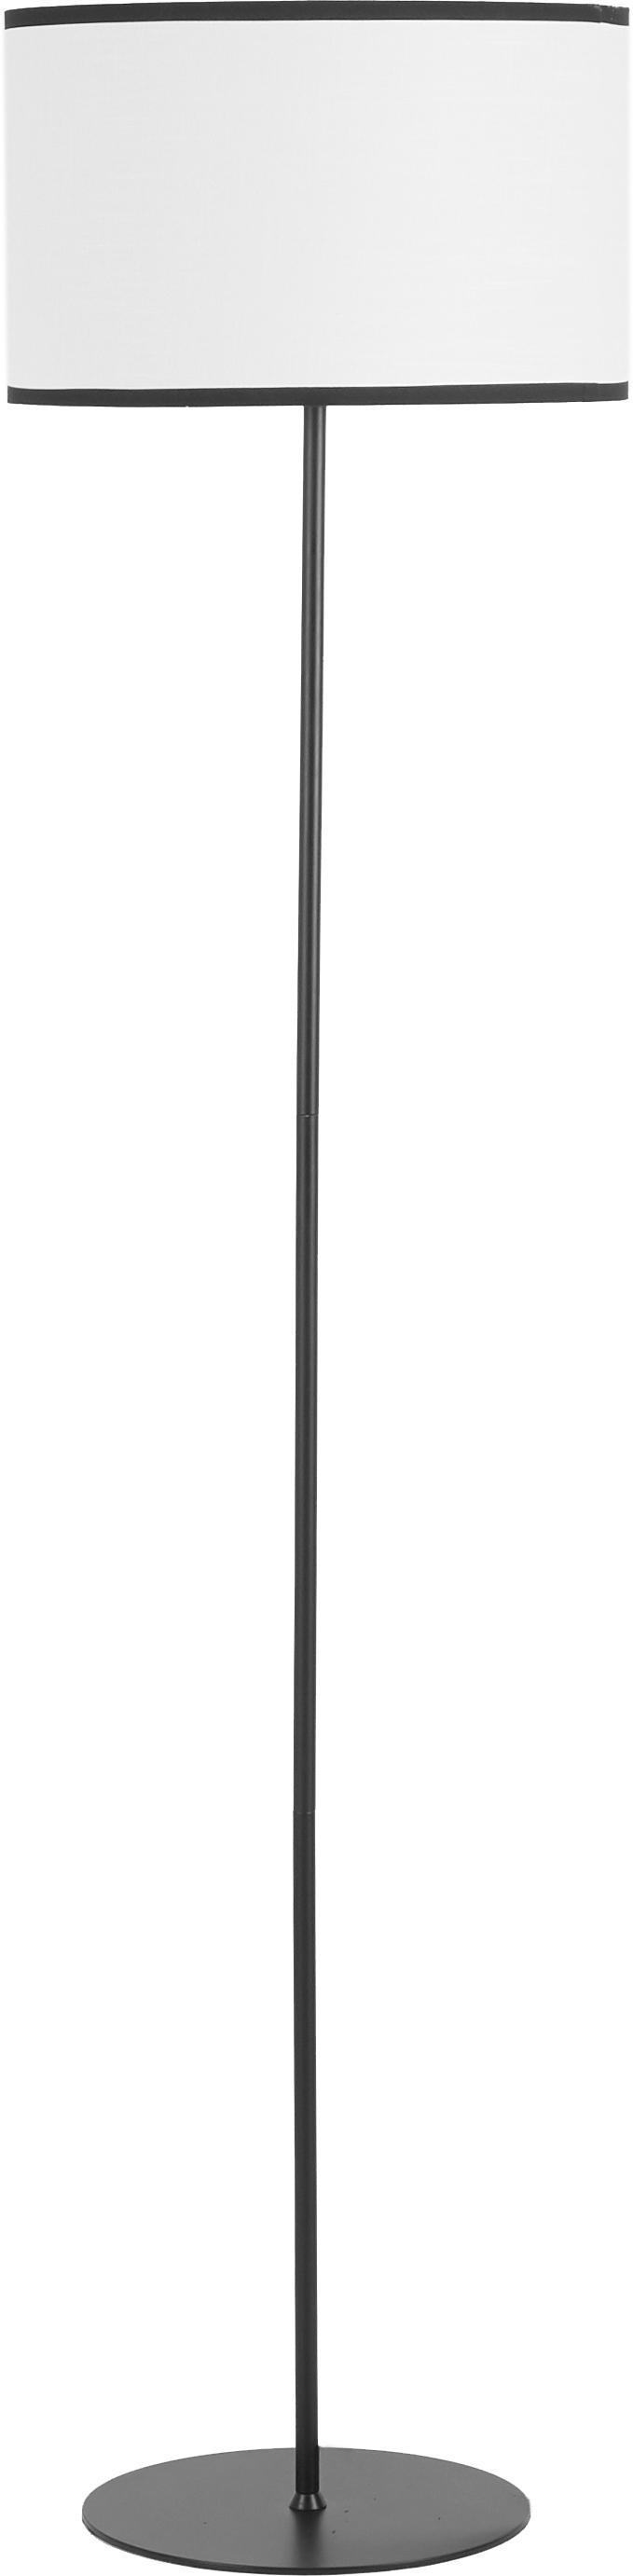 Vloerlamp Claudette van linnen, Lampenkap: gestructureerd linnen, Baldakijn: gepoedercoat metaal, Crèmekleurig, zwart, Ø 40 x H 165 cm